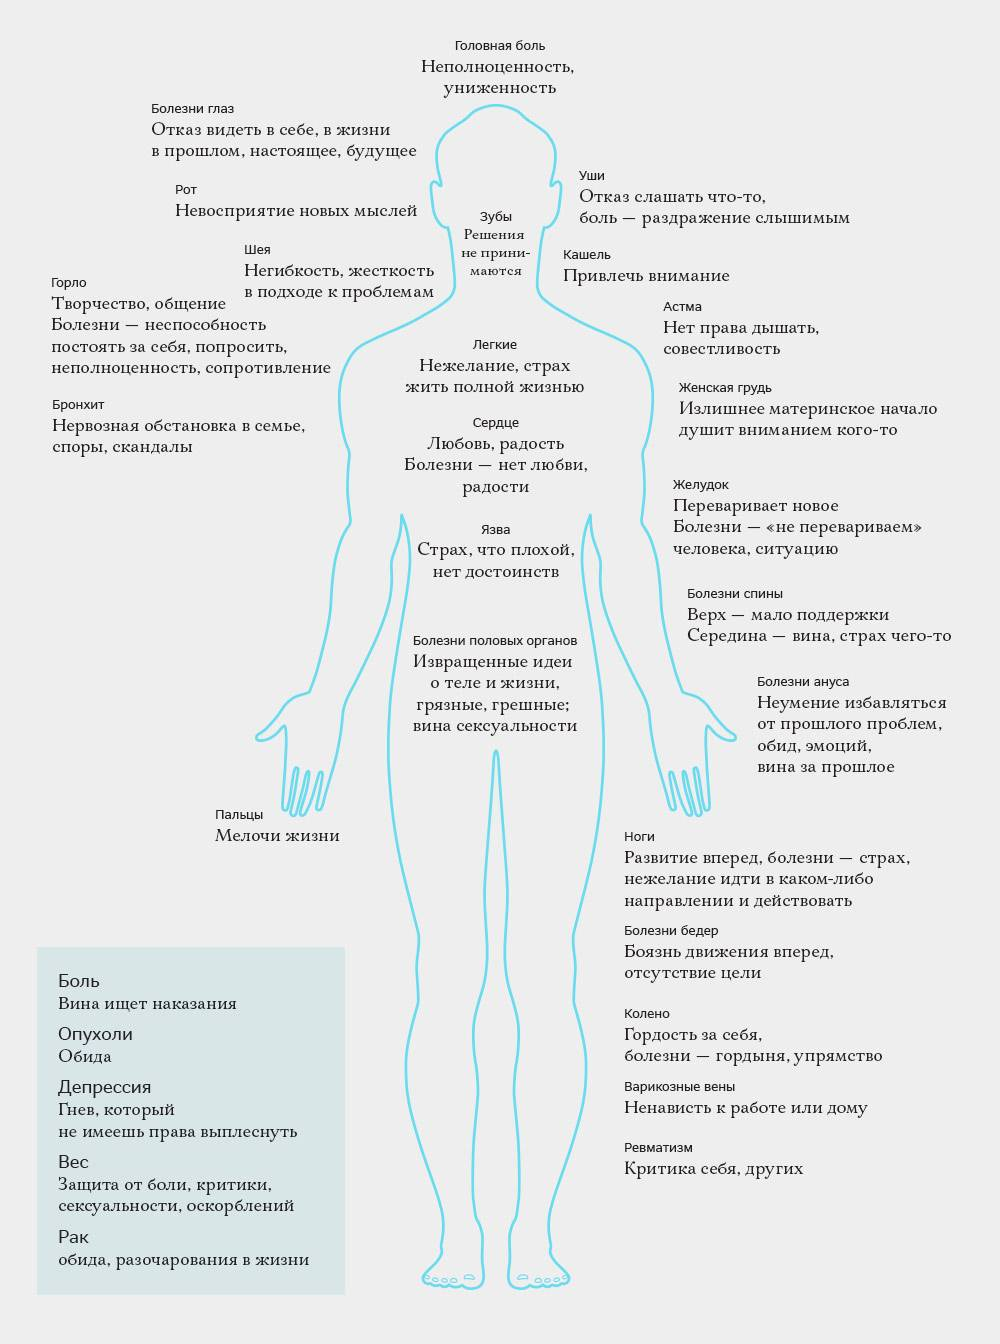 Психологическая боль • ru.knowledgr.com